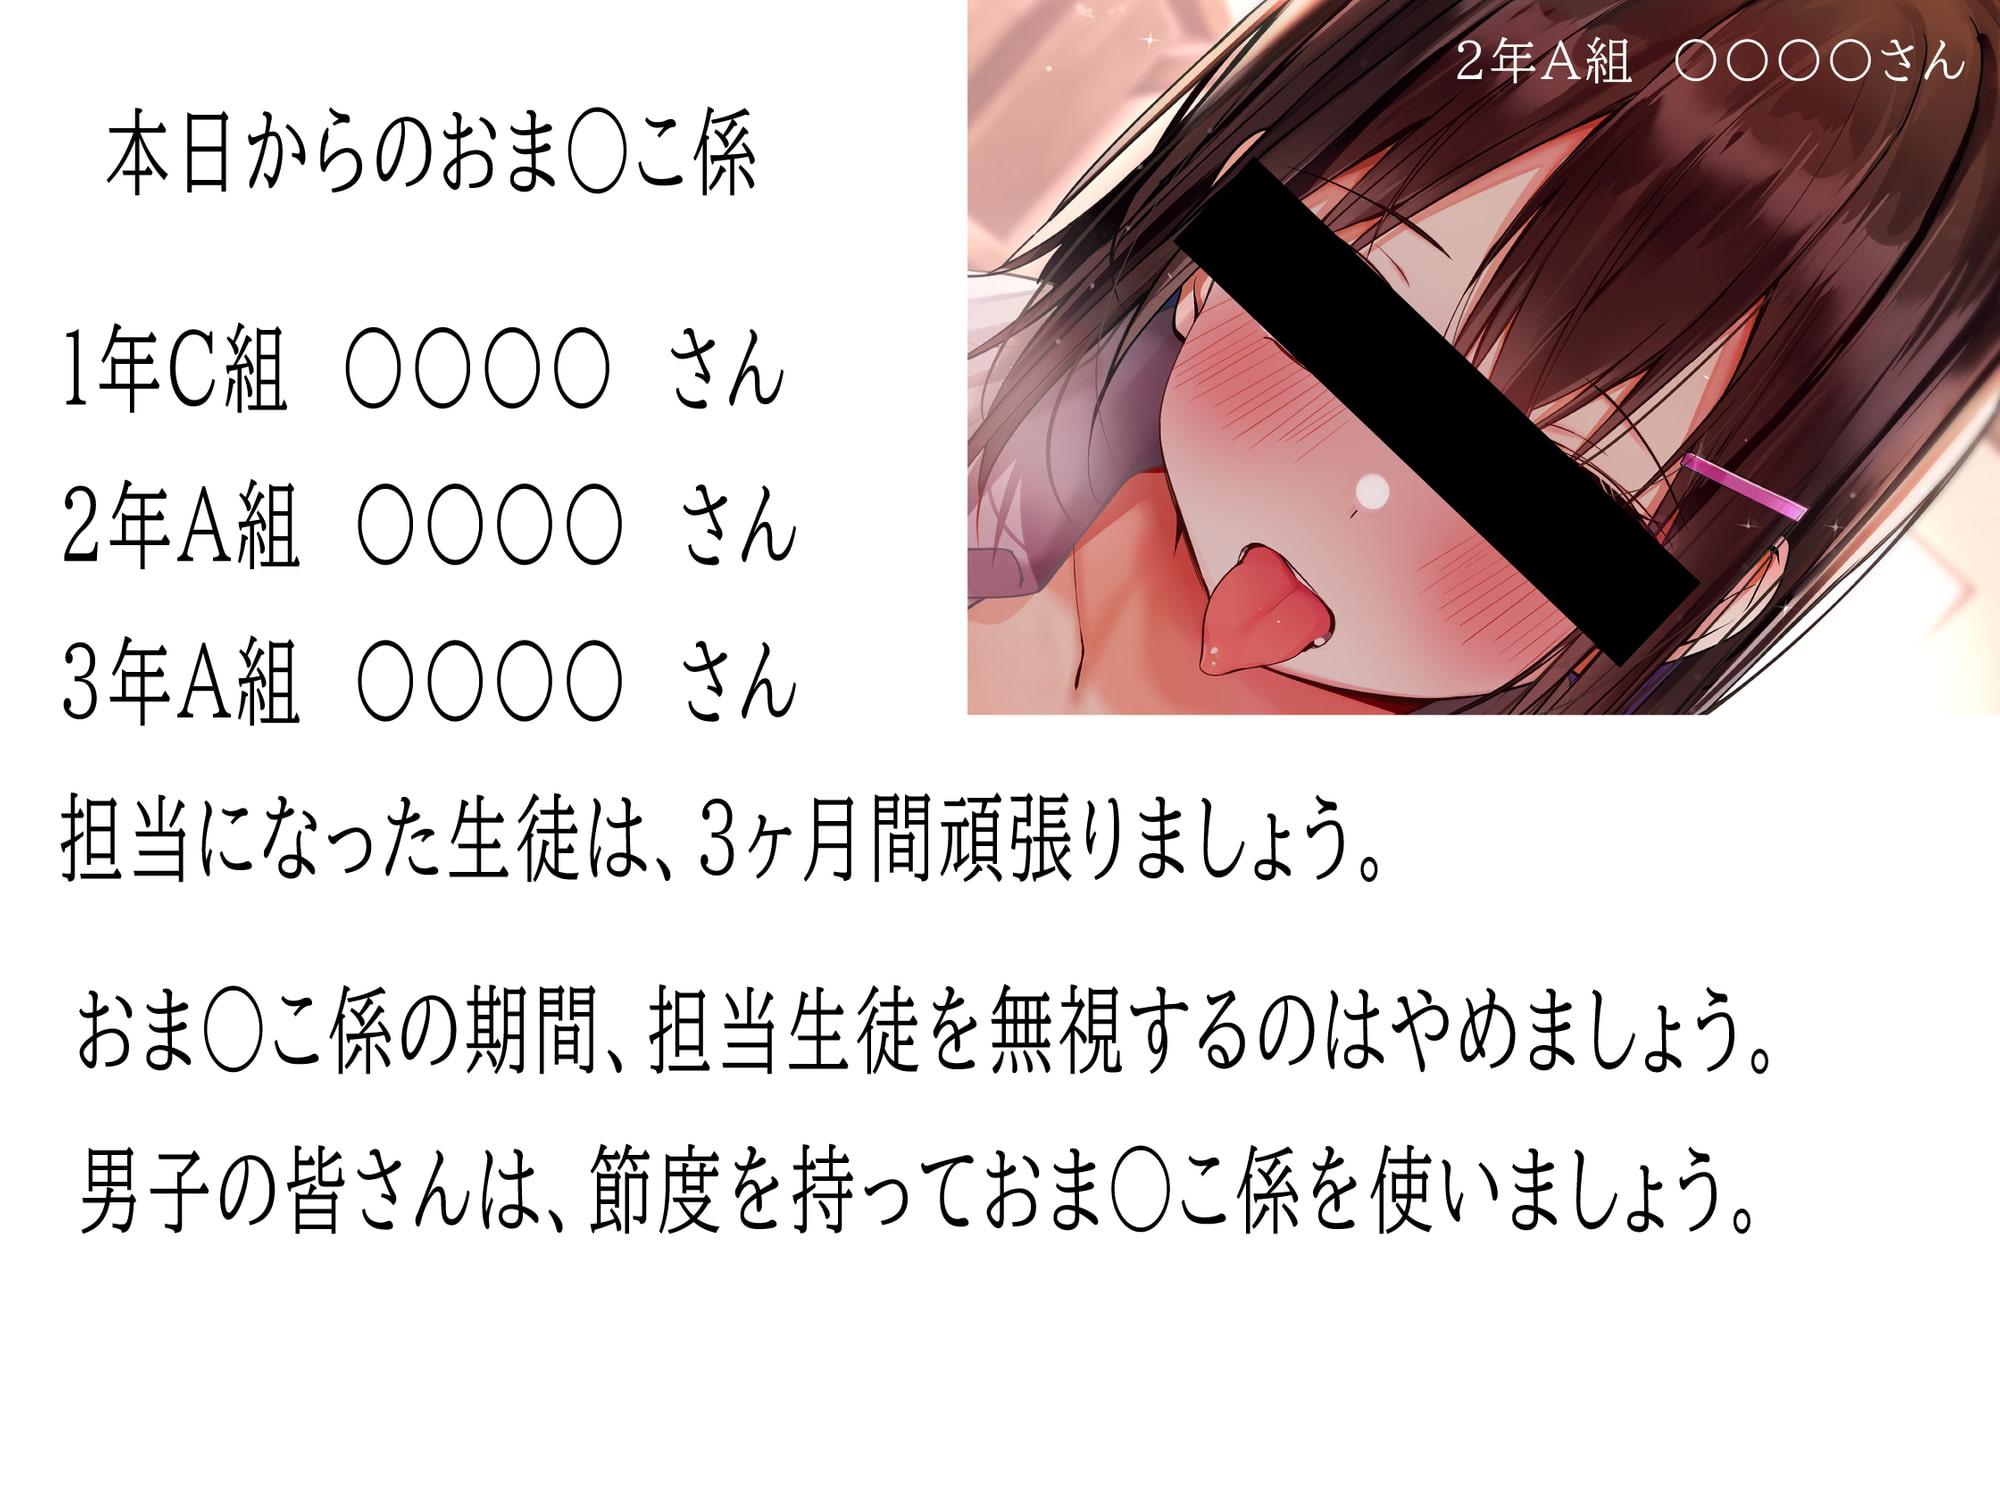 RJ332657 リアルおま○こ係 [20210715]